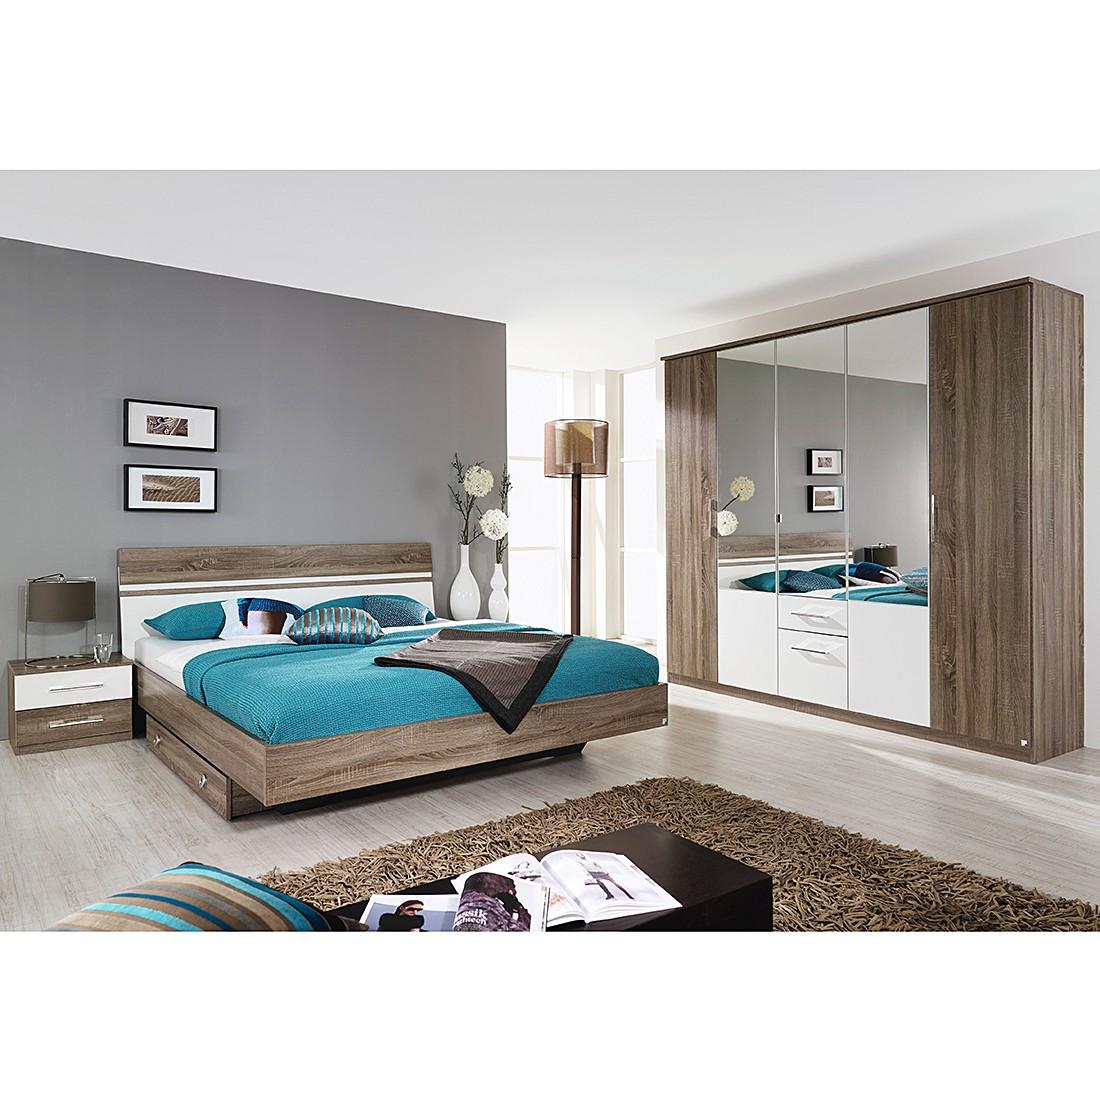 schlafzimmerset arles 4 teilig mit dreht ren kombischrank eiche havanna alpinwei mit bett. Black Bedroom Furniture Sets. Home Design Ideas